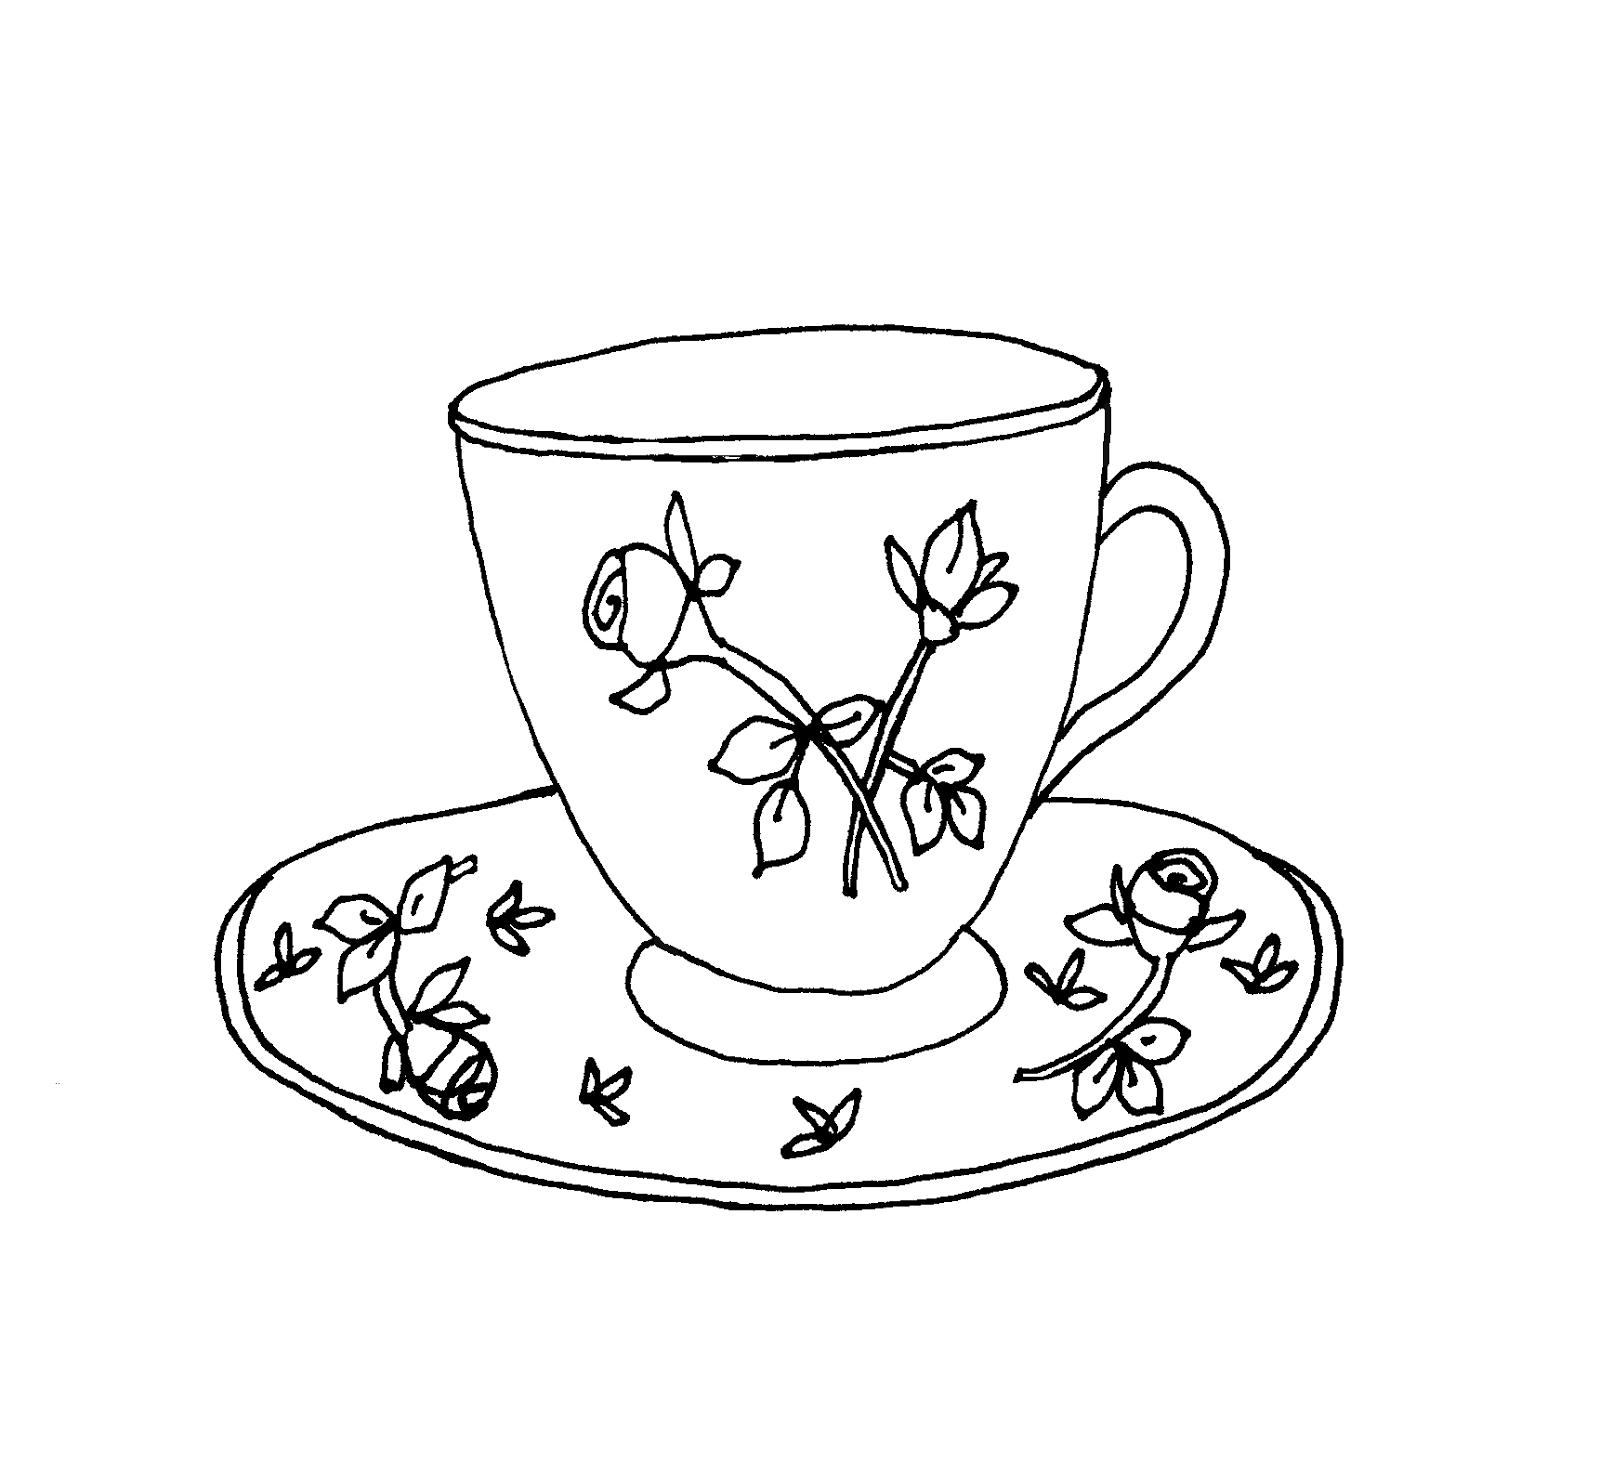 Drawn teacup tea mug #7